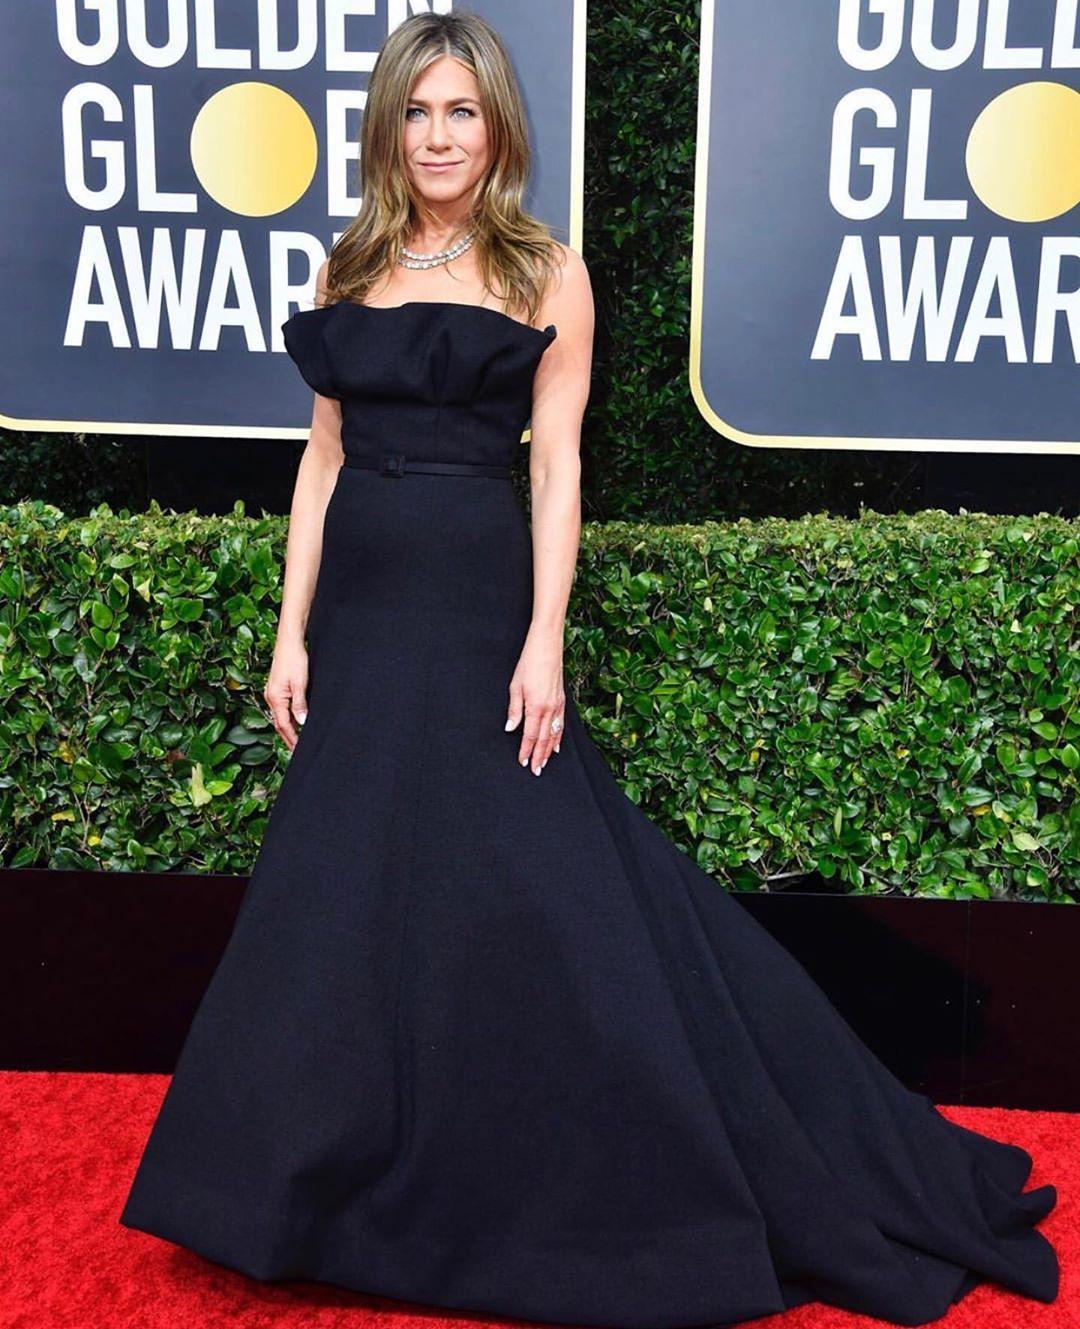 Jennifer Aniston at the Golden Globe Red Carpet